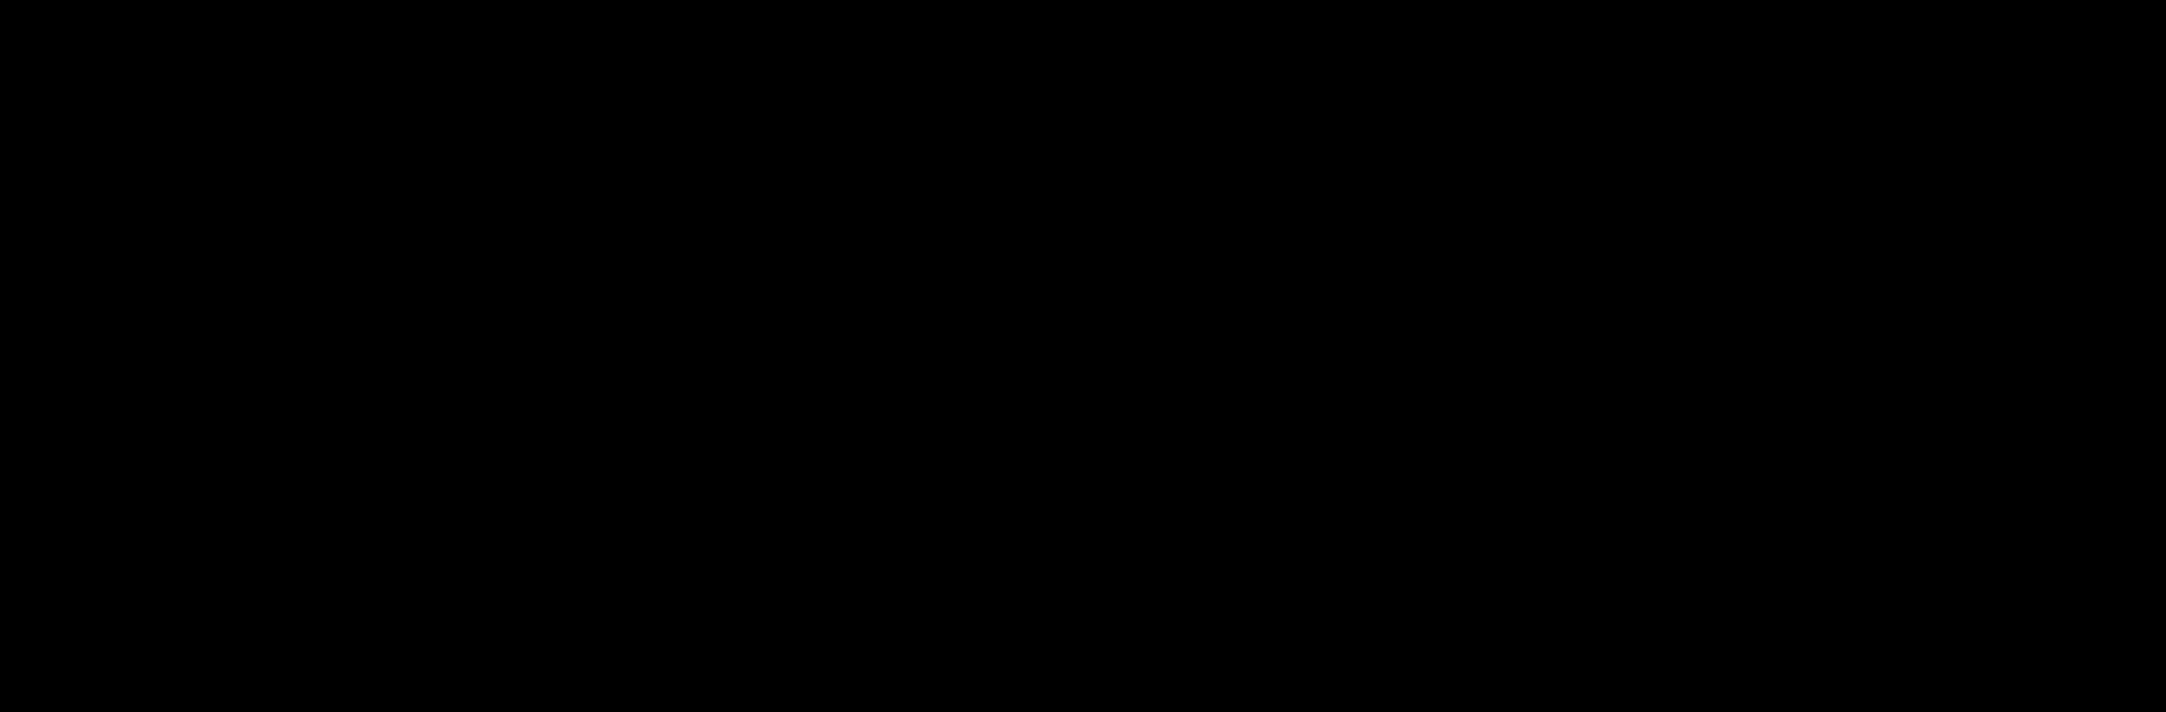 6-O-Dansyl-N-acetyl-d<sub>3</sub> glucosamine